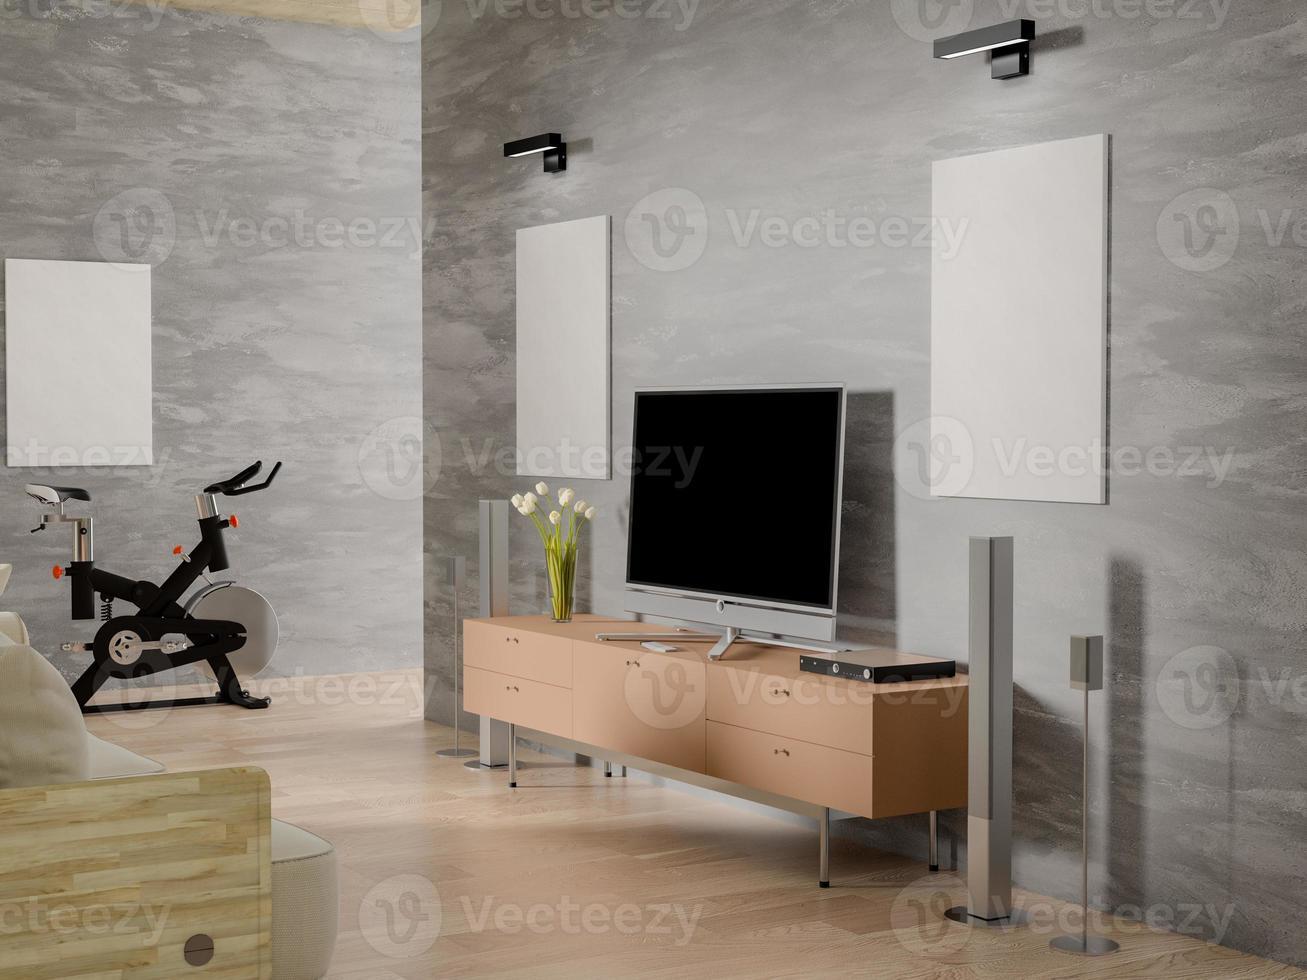 Representación 3D de dos carteles de maquetas vacíos en la sala de estar foto